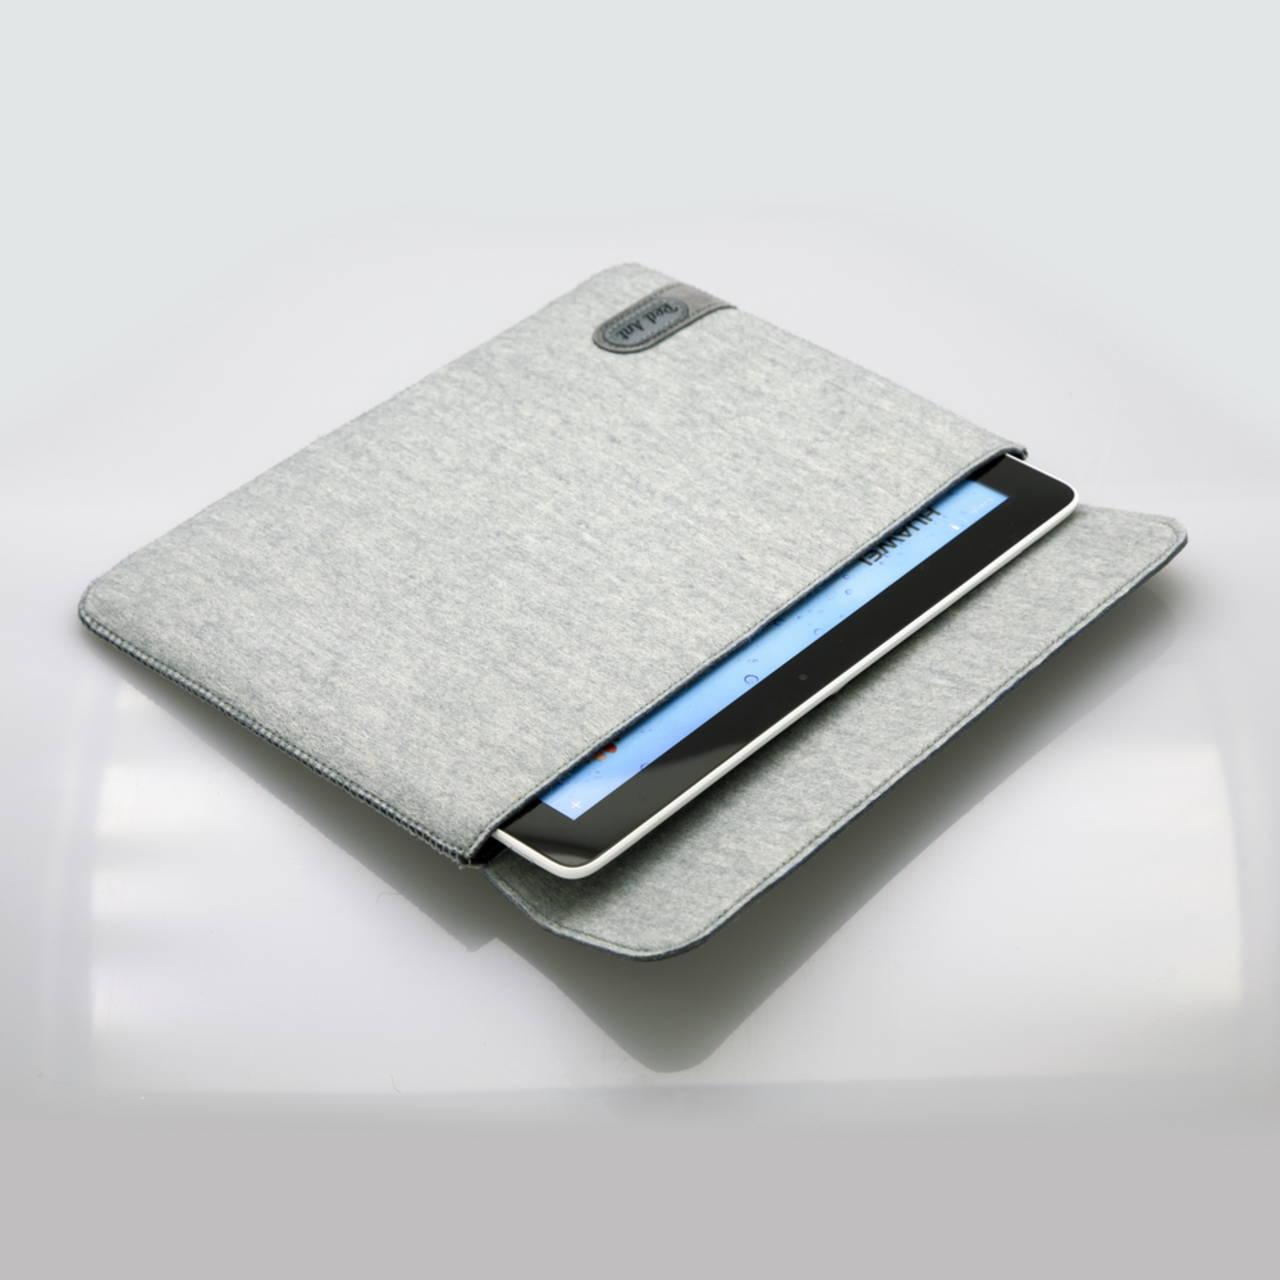 00d92dd88 Tabletové plstené púzdro 10 palcové, sivé FELT / RedAnt - SAShE.sk ...